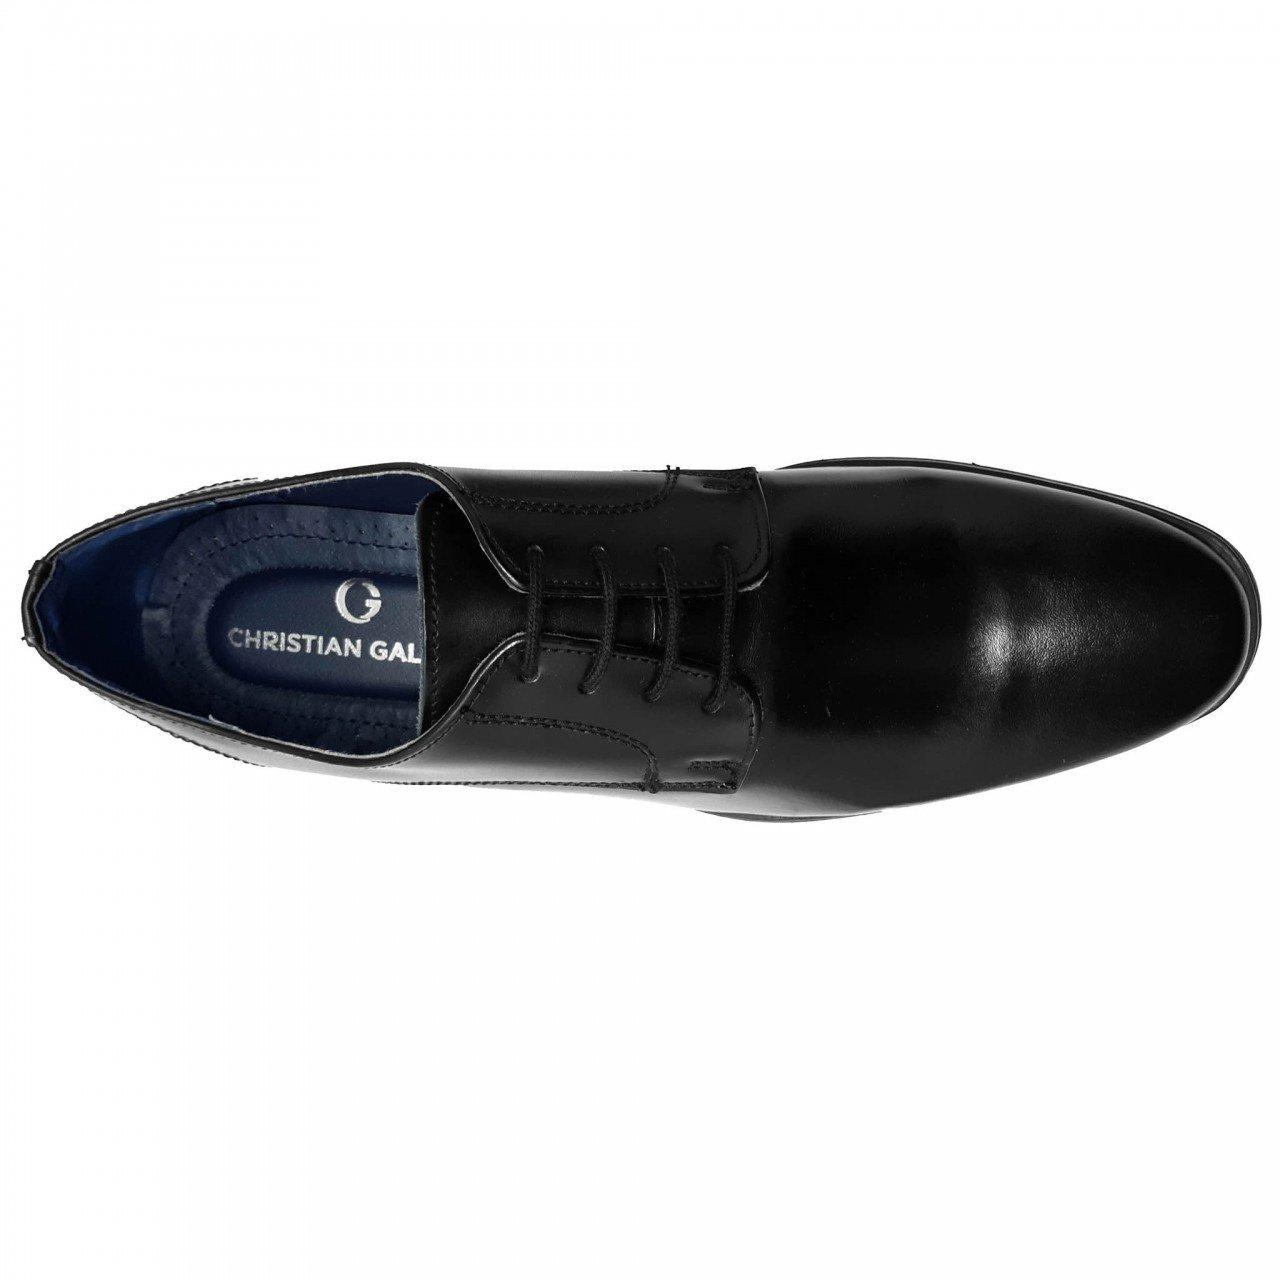 Zapato de vestir para hombre en piel negro Christian Gallery 606